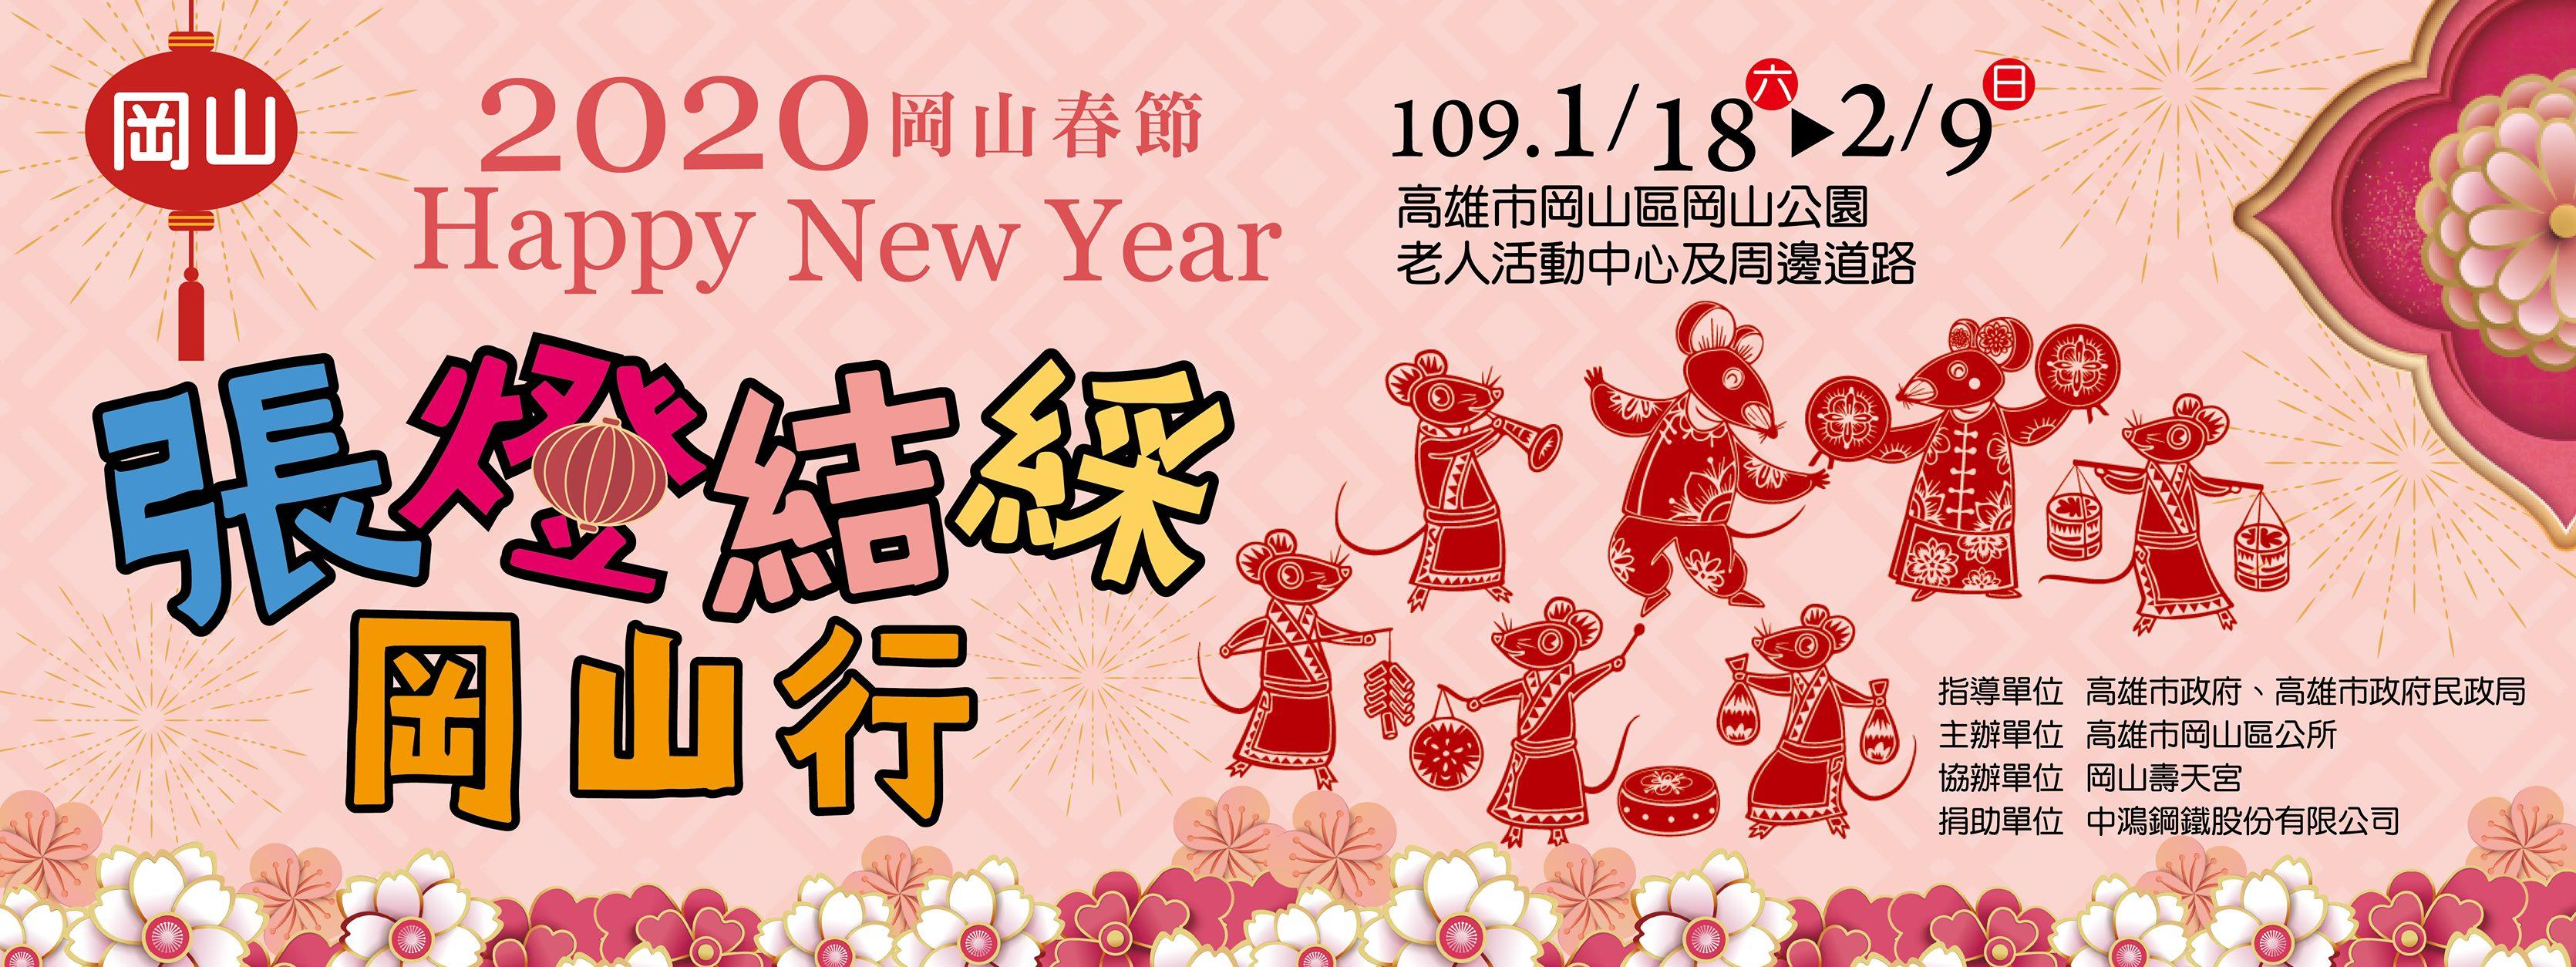 2020高雄岡山燈會1